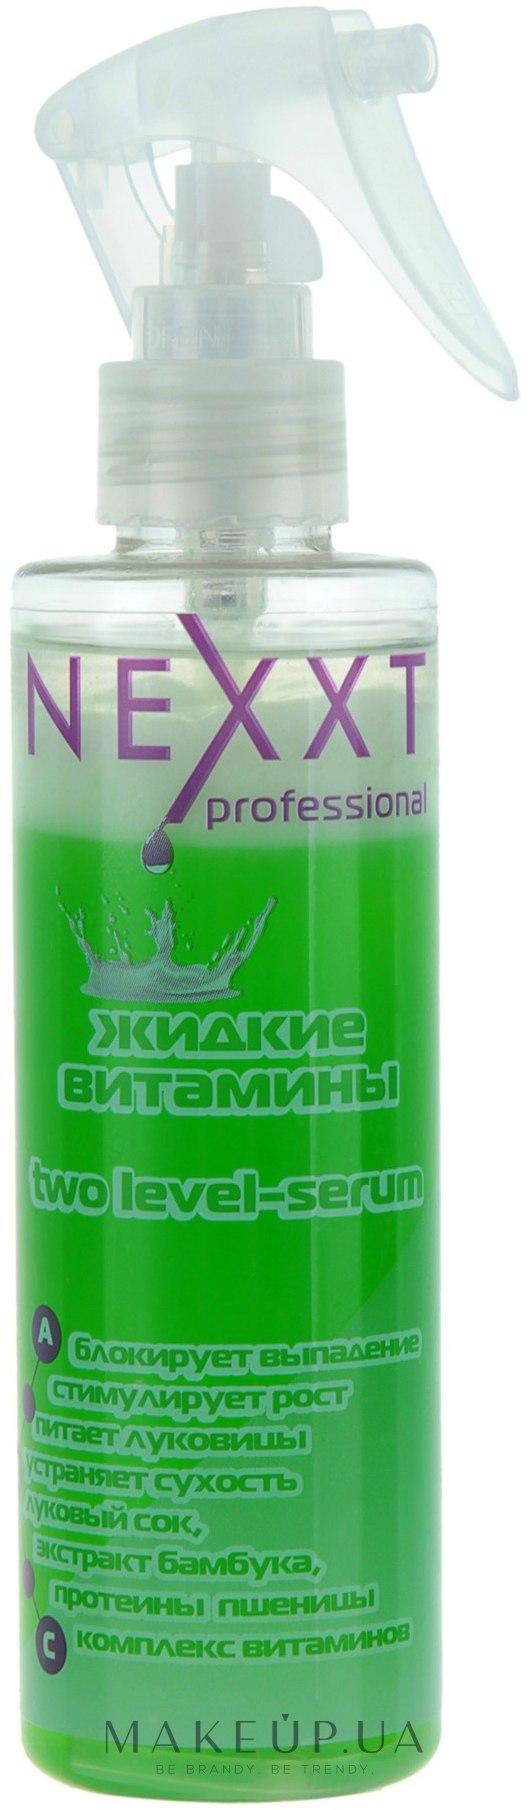 Nexxt professional для роста волос отзывы